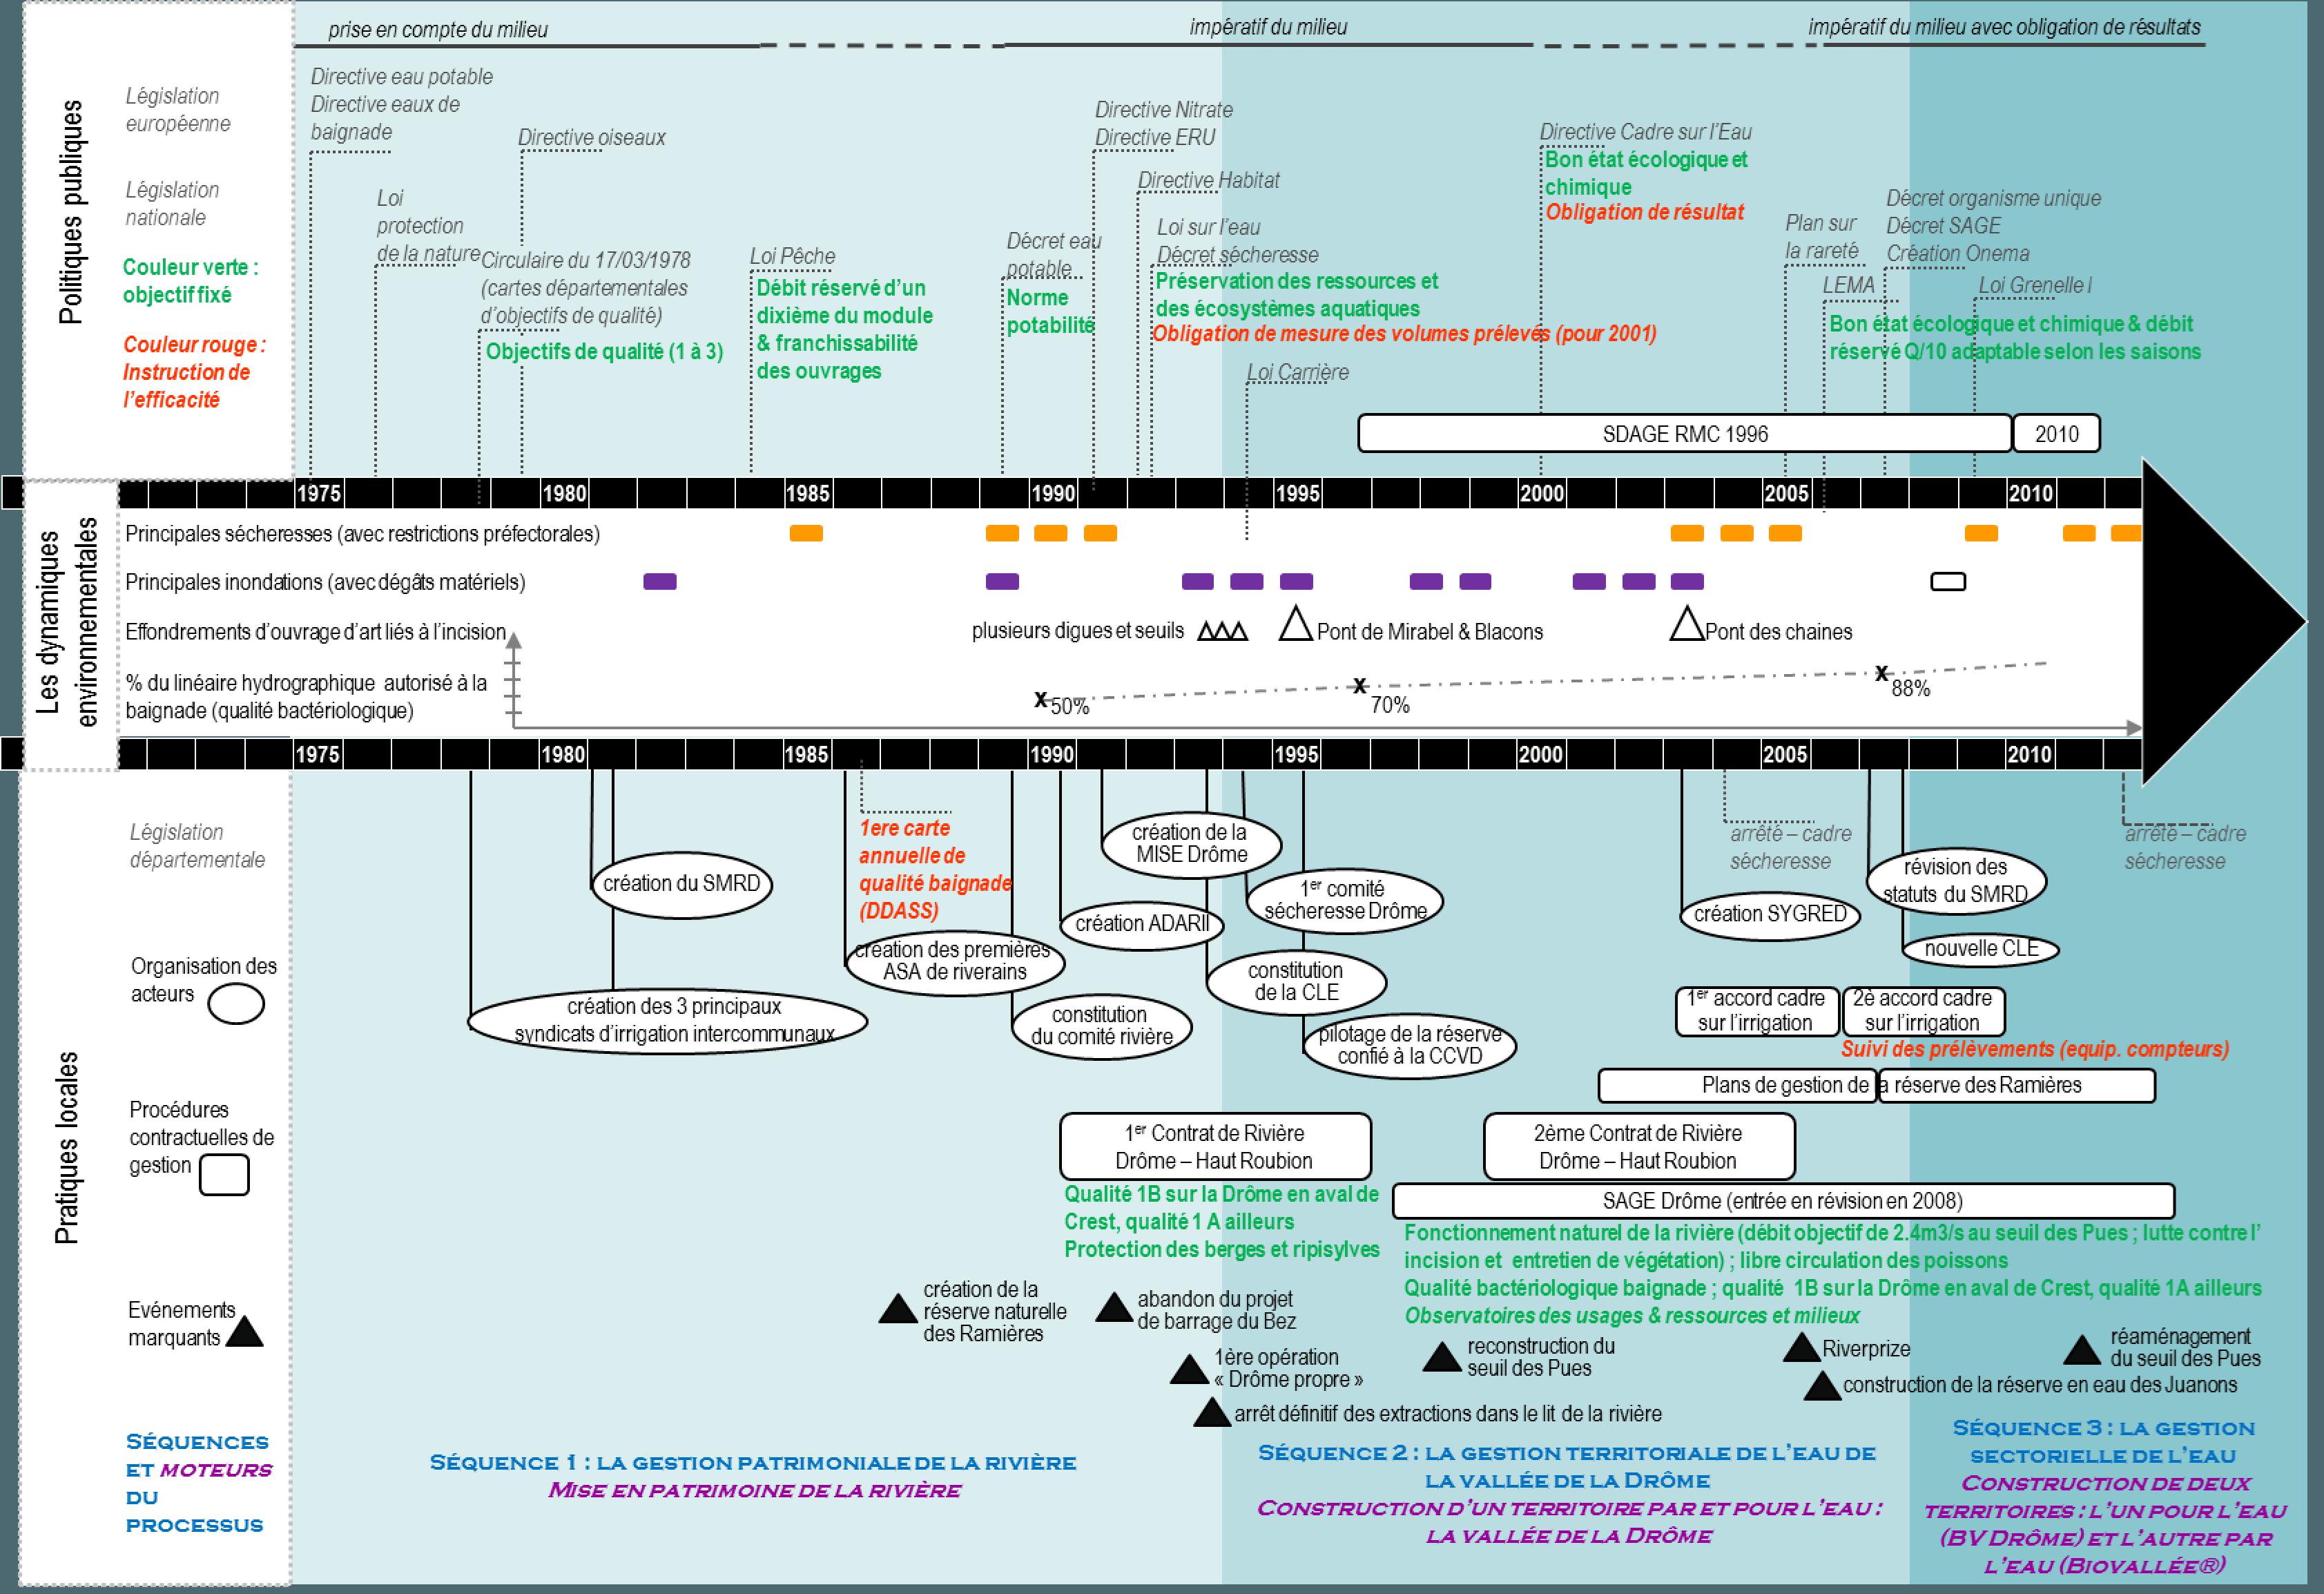 Frise 7 : La territorialisation de la politique de l'eau. Enseignements à partir de l'analyse processuelle de la gestion de la rivière Drôme (1970-2014). Source : Sabine Girard, IRSTEA-DTM, géographie humaine.